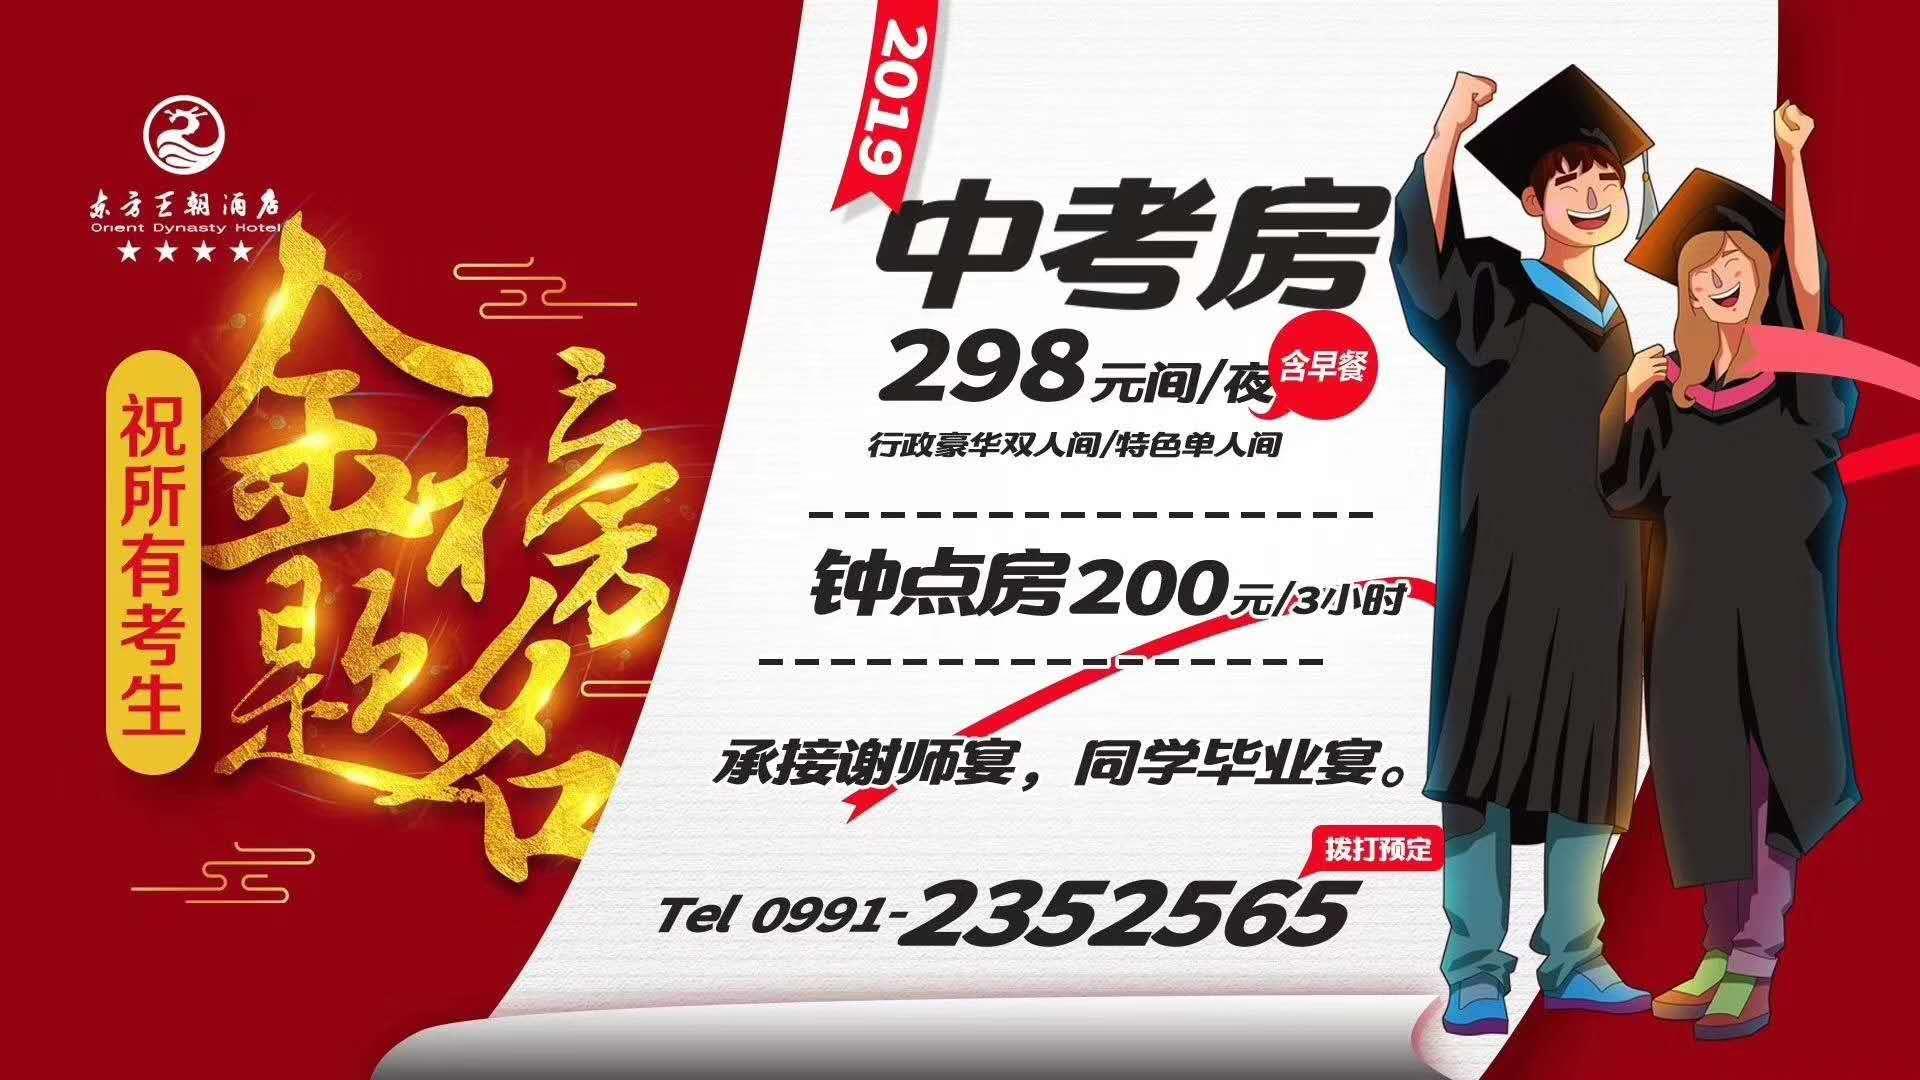 """东方王朝酒店"""" 中考房——火热预定️ing 预定电话:0991-2352565 祝:小伙伴们金榜题名!"""